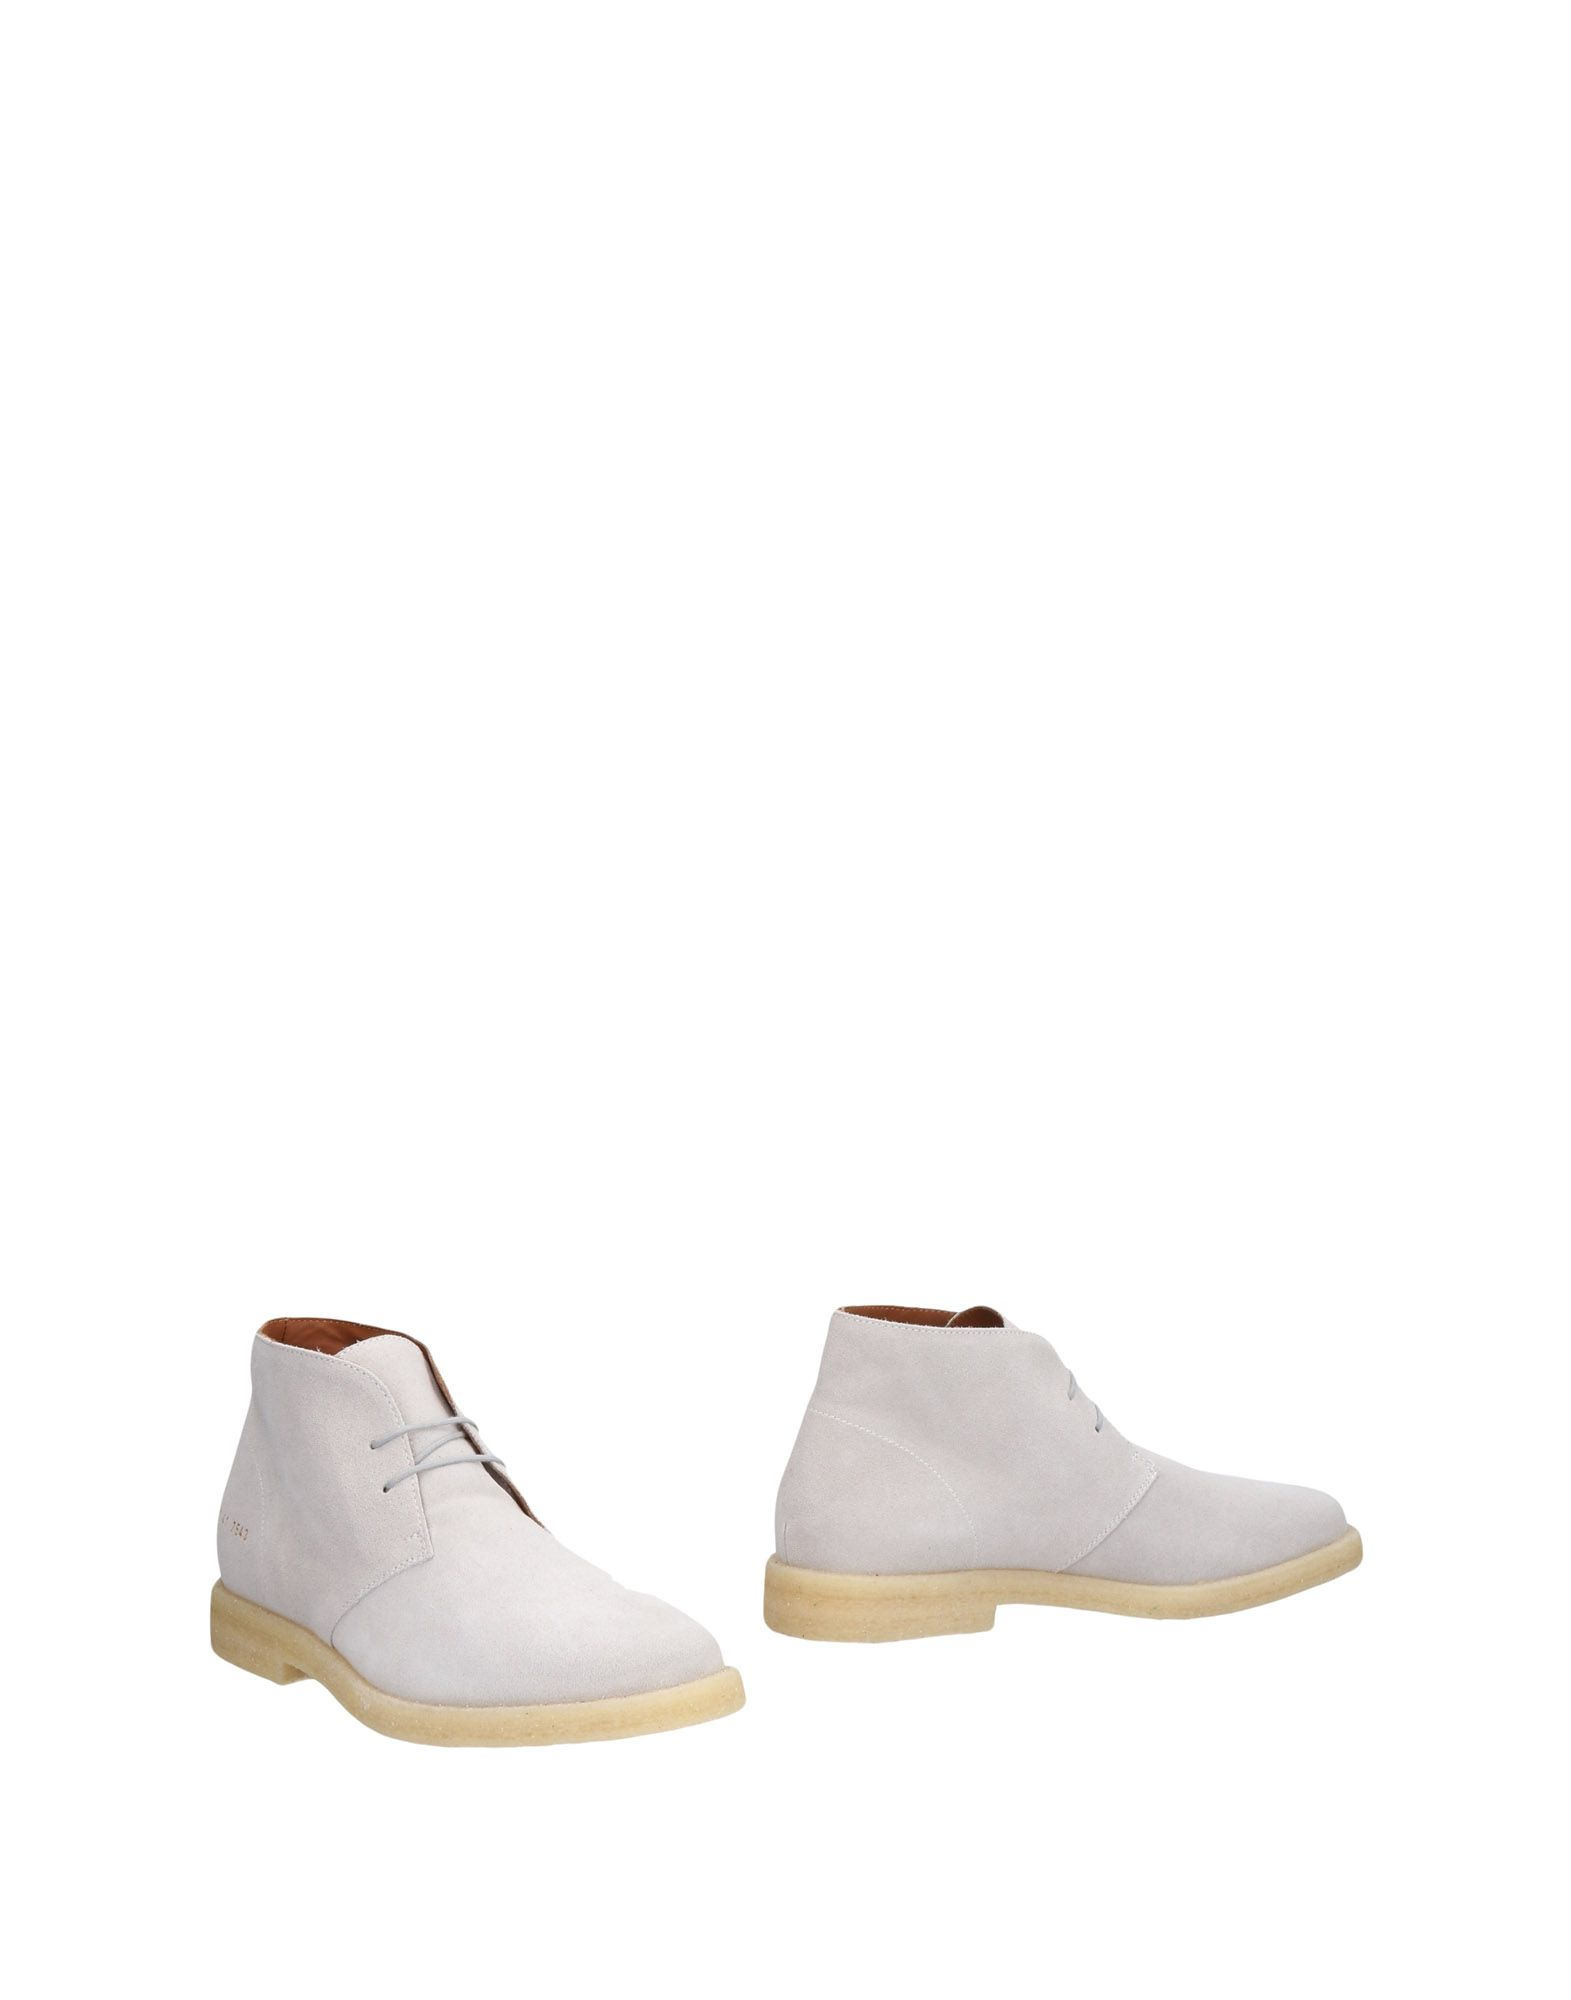 Common Cut Stiefelette Herren  11467541WK Gute Qualität beliebte Schuhe